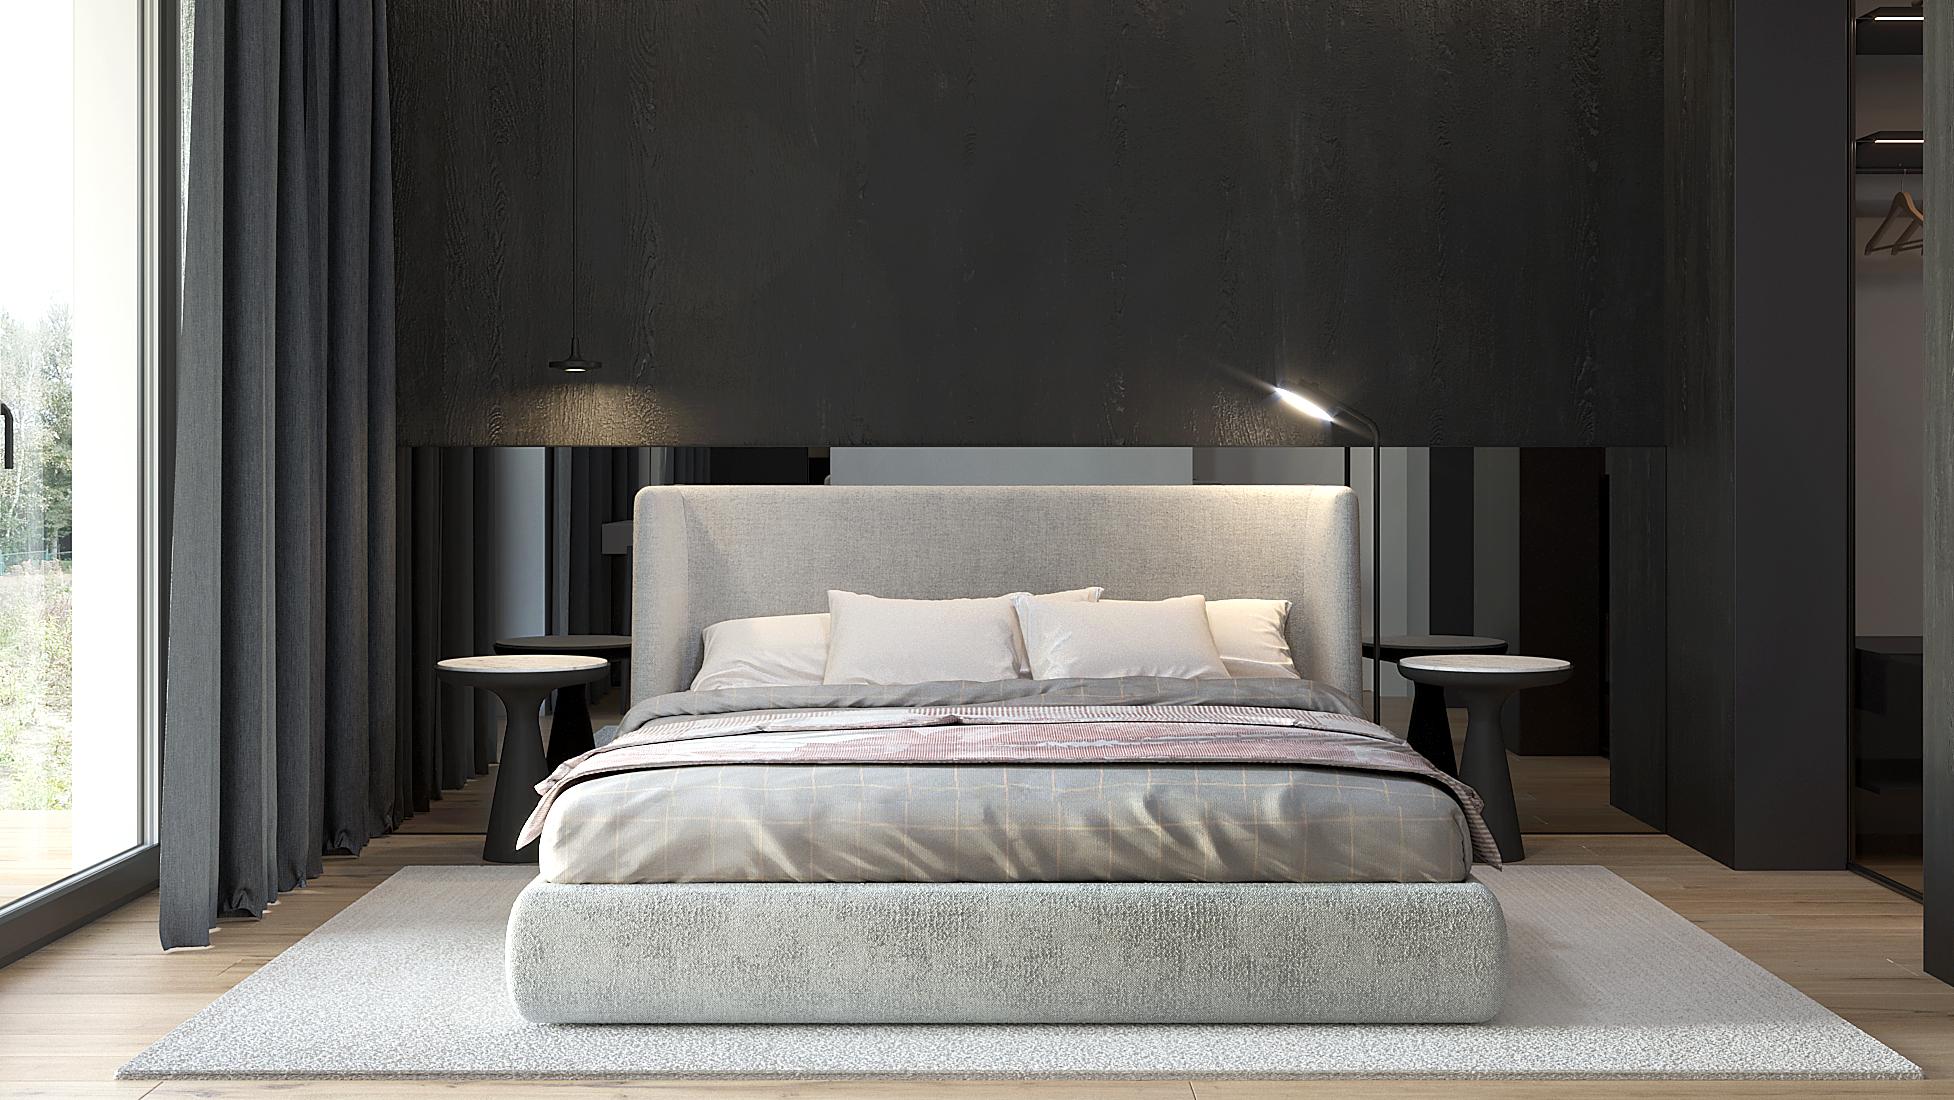 14 projket wnetrz D555 dom Libertow sypialnia lustrzany zaglowek szare tapicerowane lozko okragle stoliki nocne czarna tapeta